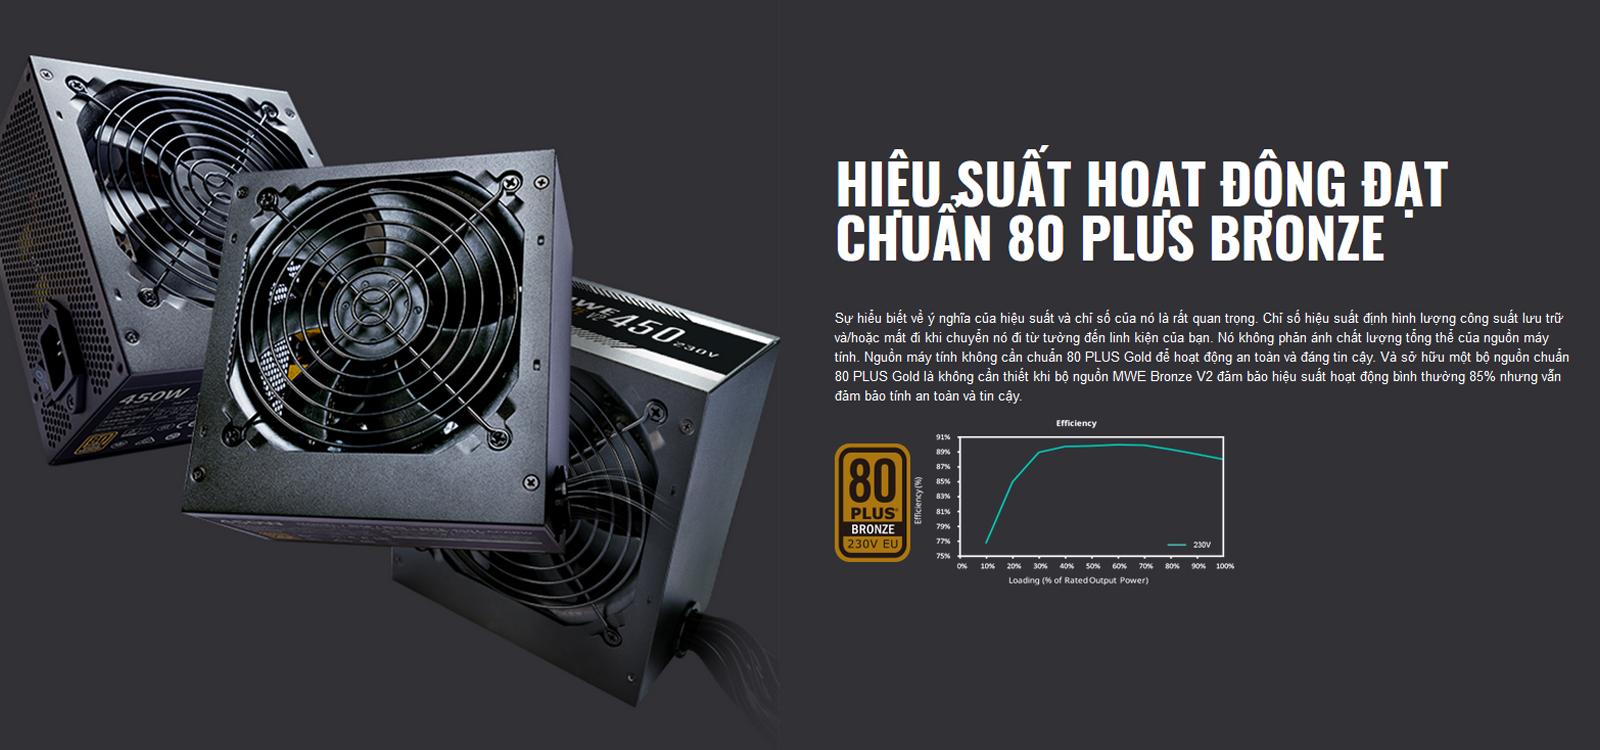 Nguồn máy tính Cooler Master MWE V2 230V 450 450W Plus Bronze  (80 Plus Bronze/Màu Đen) với hiệu suất hoạt động đạt chuẩn 80 PLUS Bronze